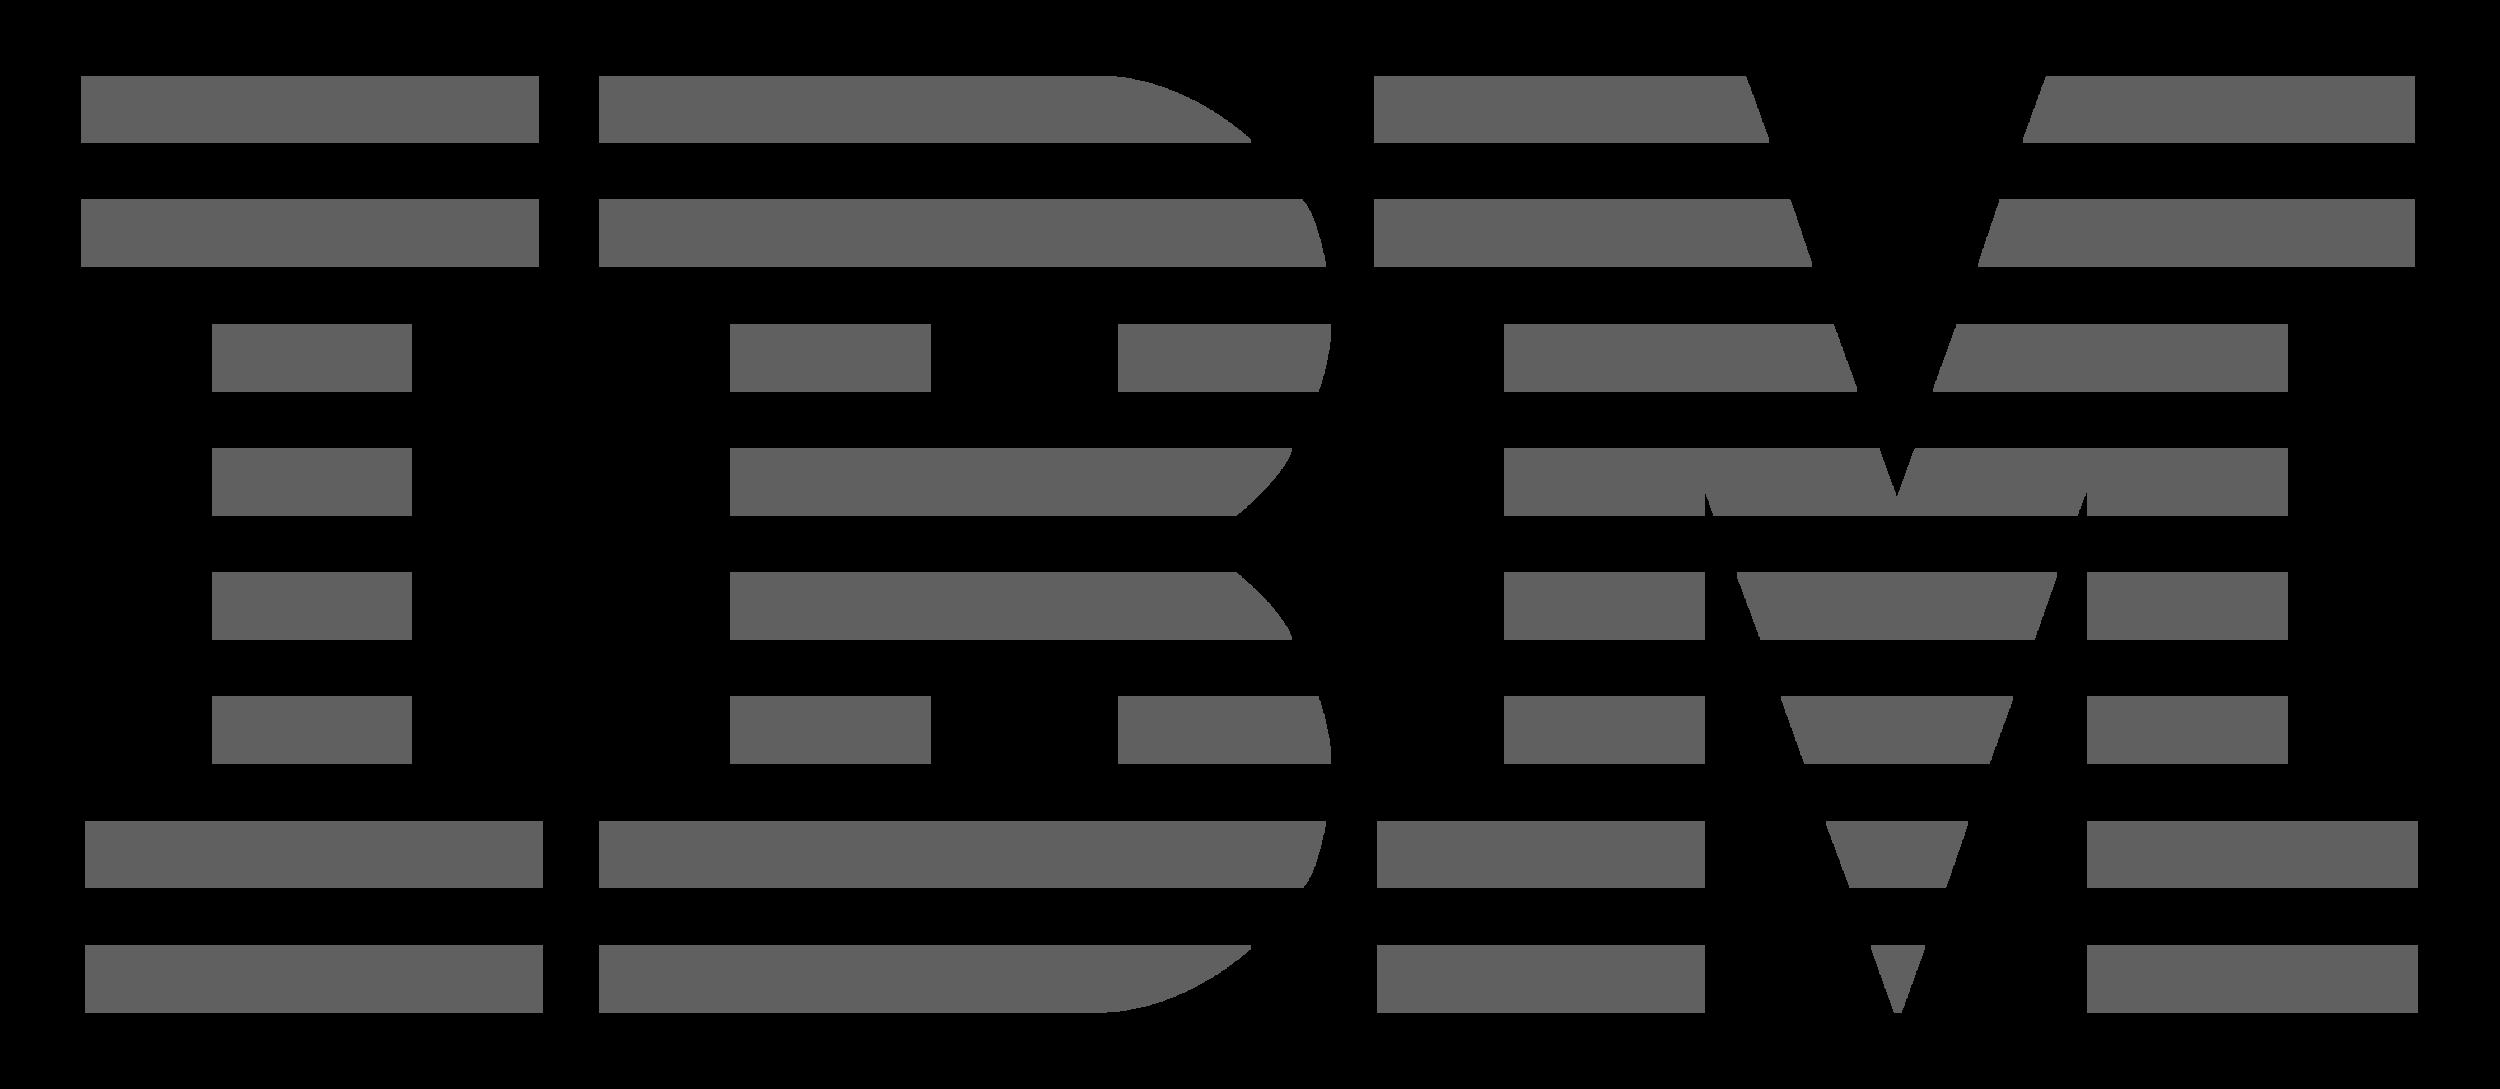 IBM-bw.png